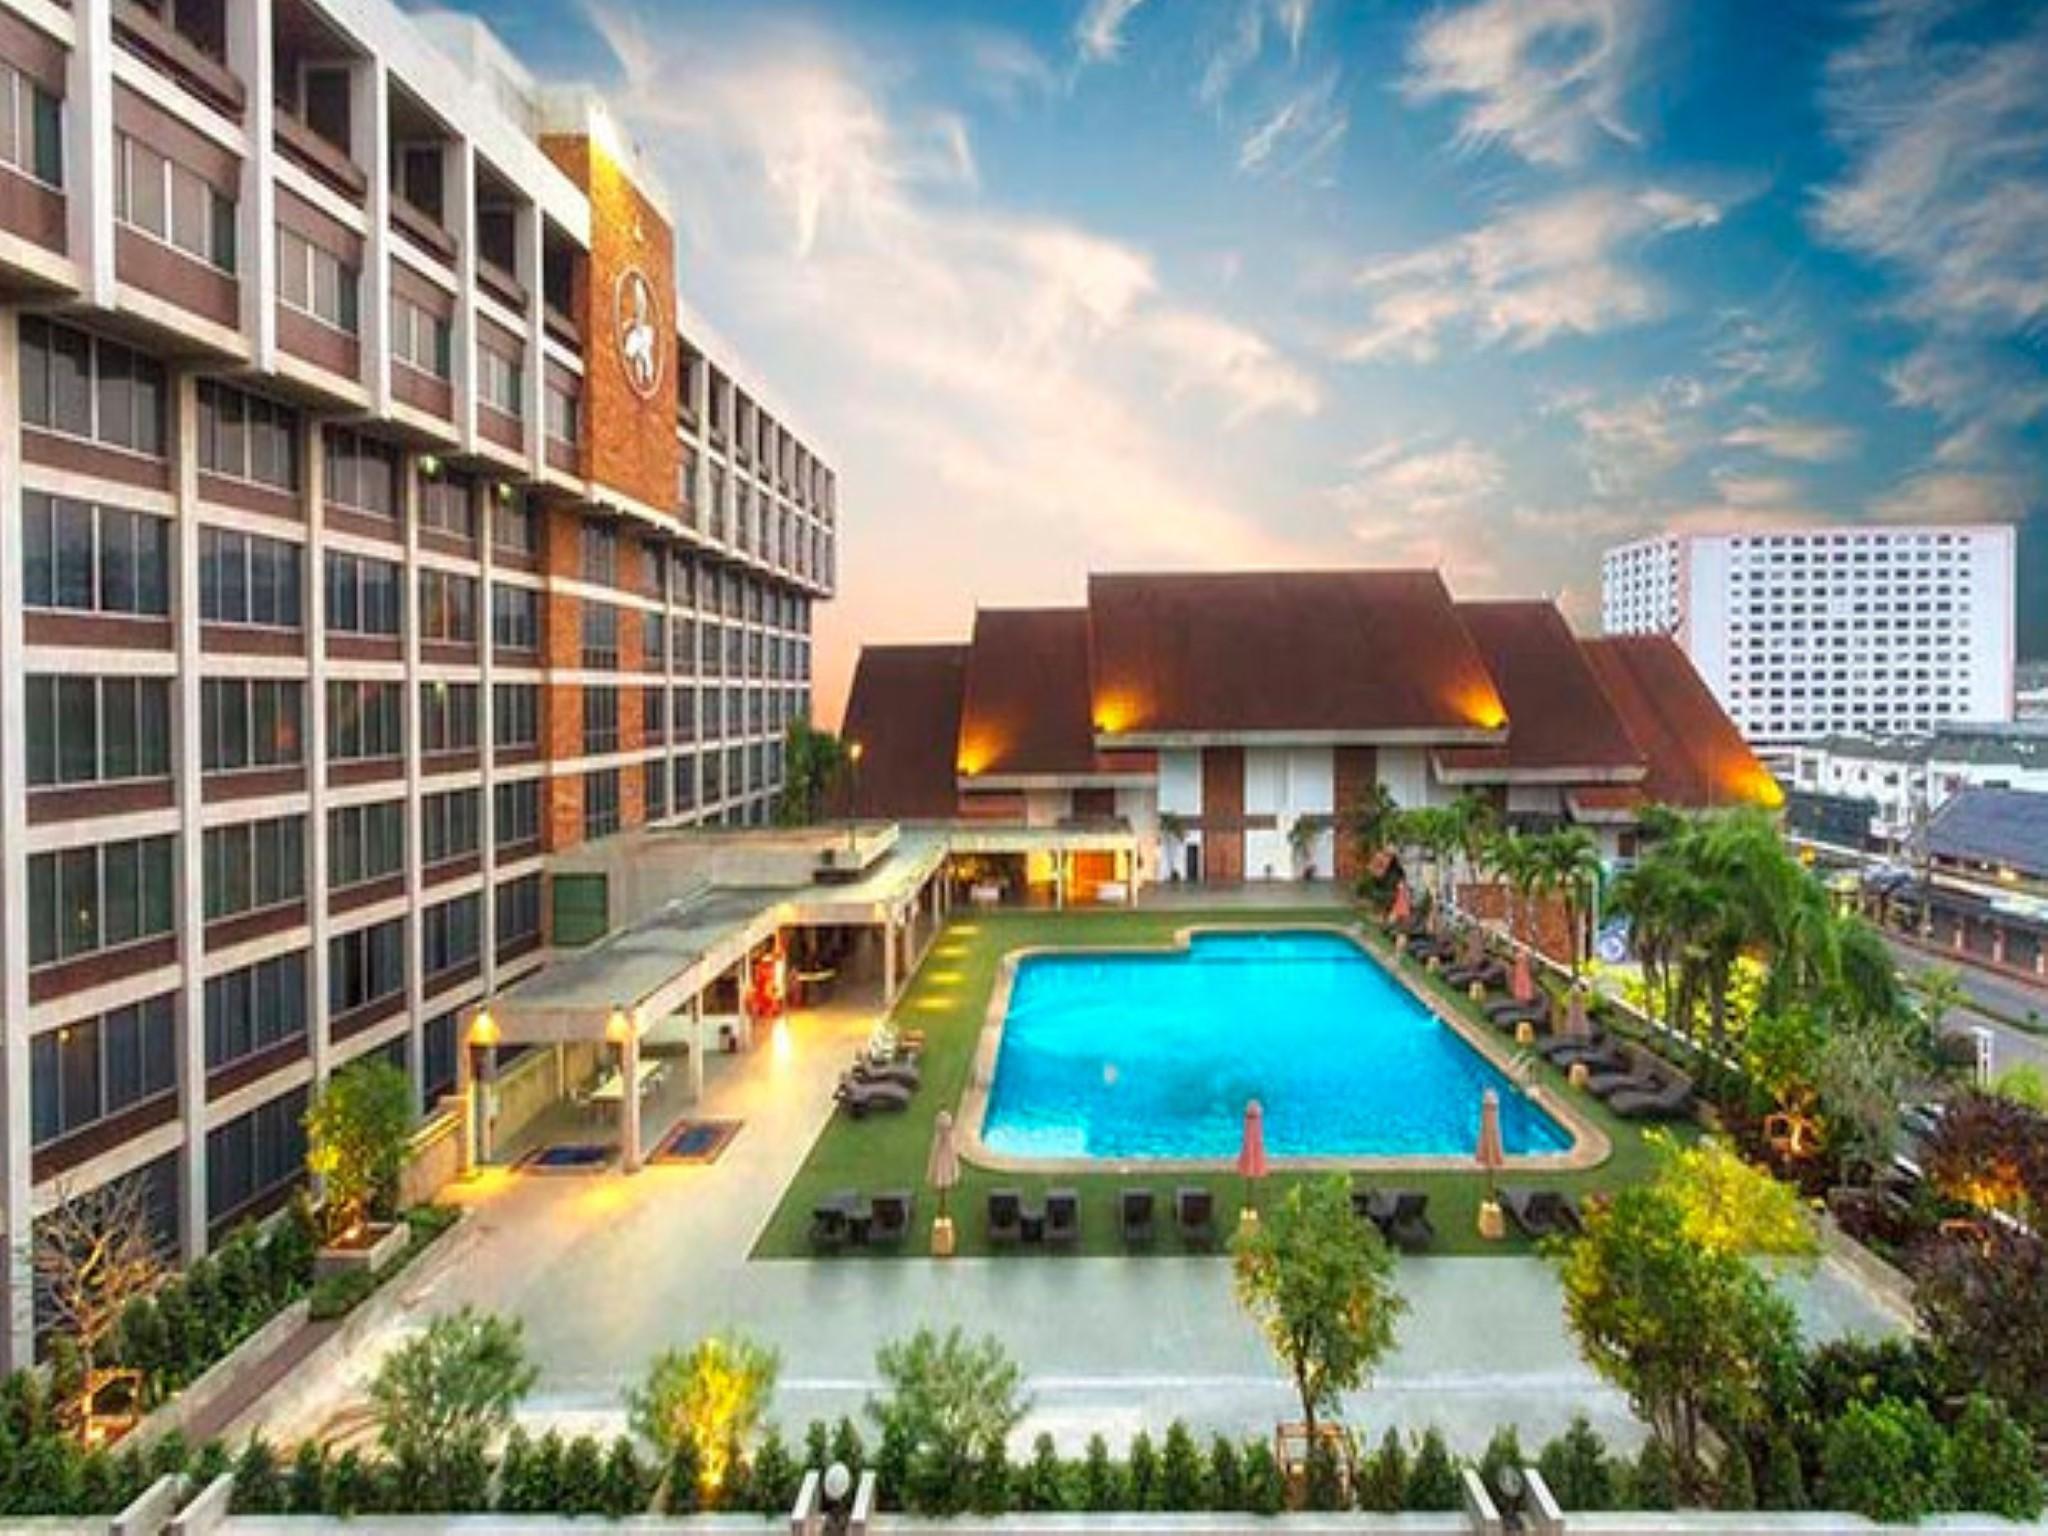 รีวิวจ๊าบๆ โรงแรมเชียงใหม่ ออร์คิด - เชียงใหม่ รีวิว Pantip